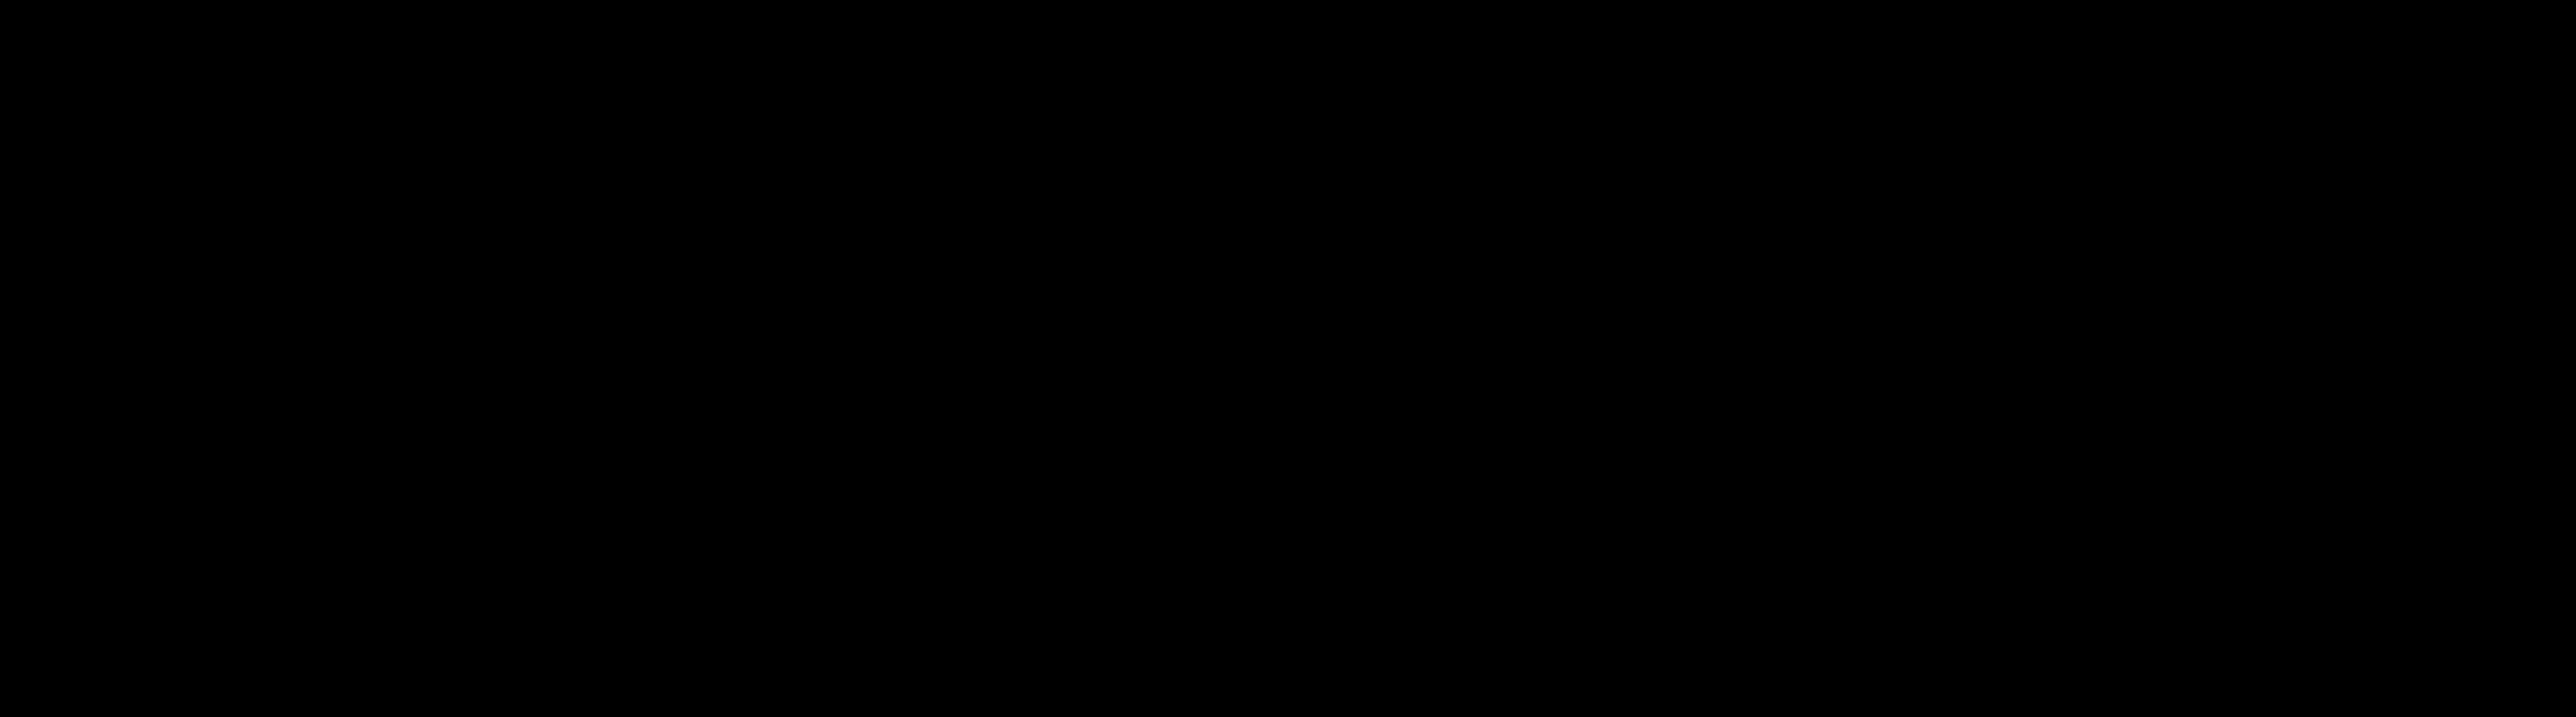 REBVELADOS 2019-2020